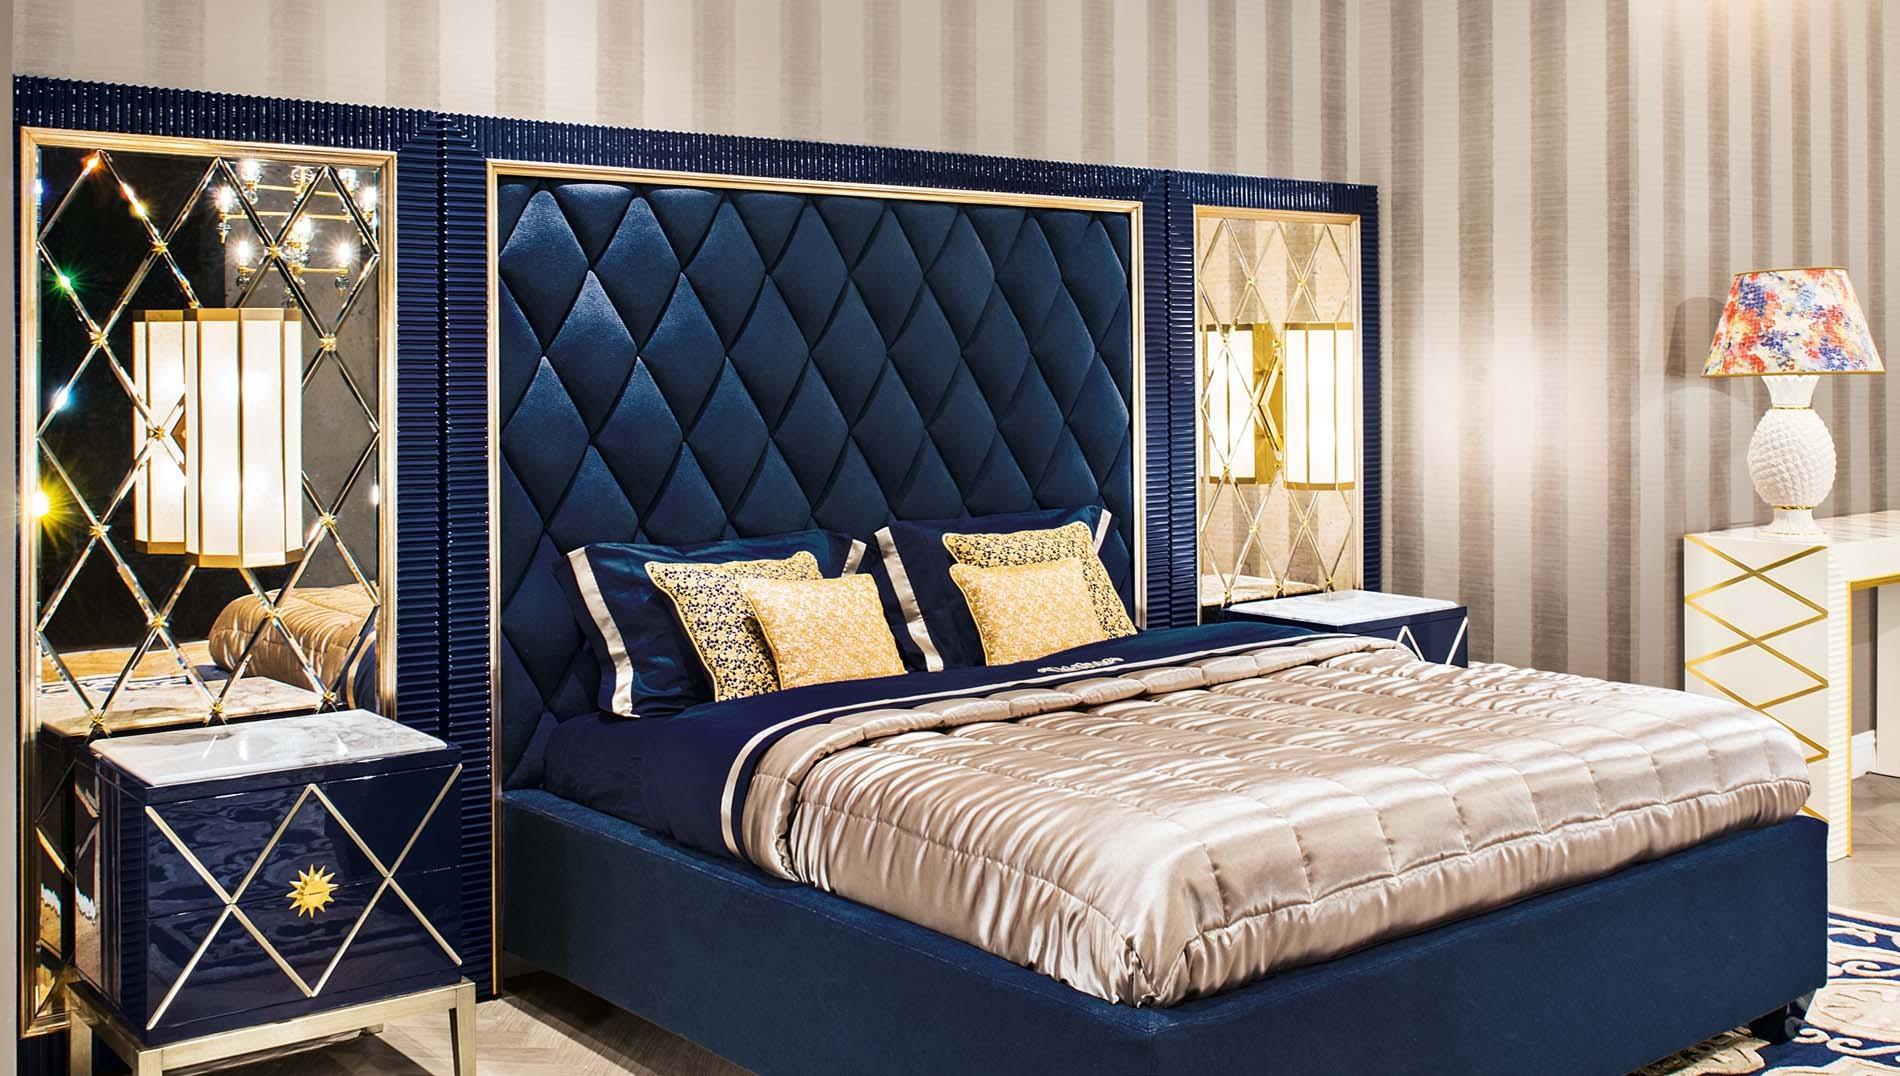 Прикроватные тумбы для спальни своими руками фото   Тумбы прикроватные для спальни (30 фото красивые идеи) 9